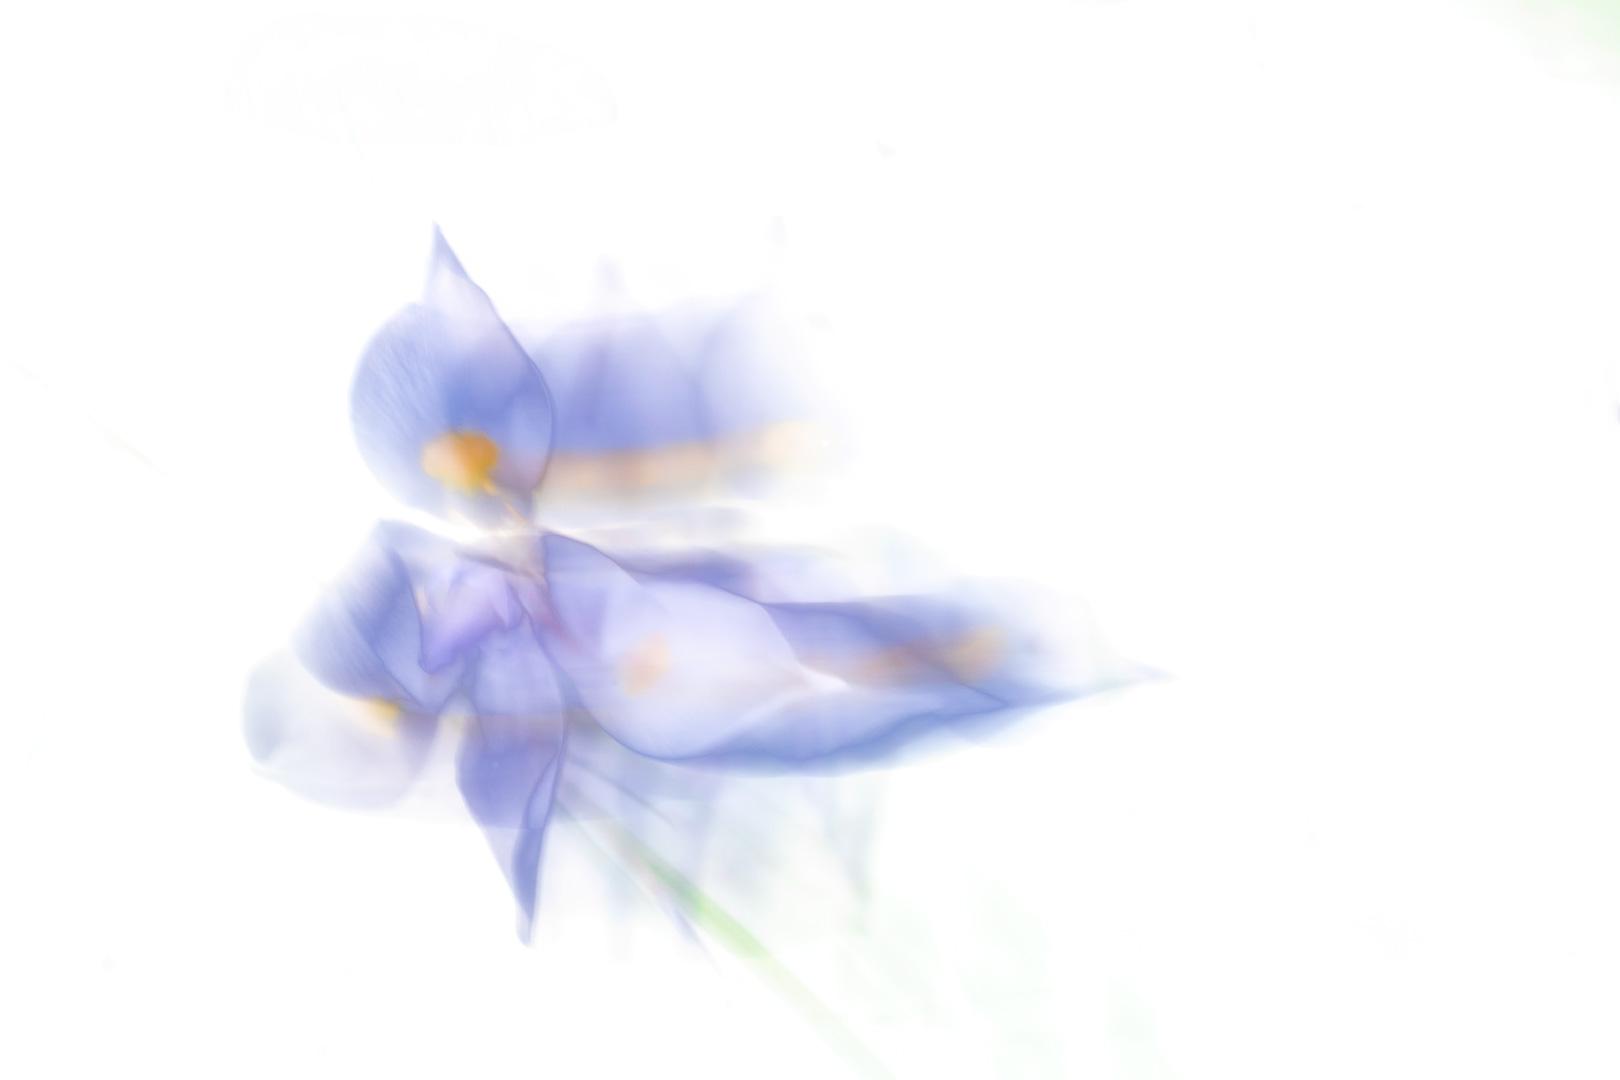 gavin perry - Graeme Dobbs - Flower in Motion _white_screen_1-1.jpg